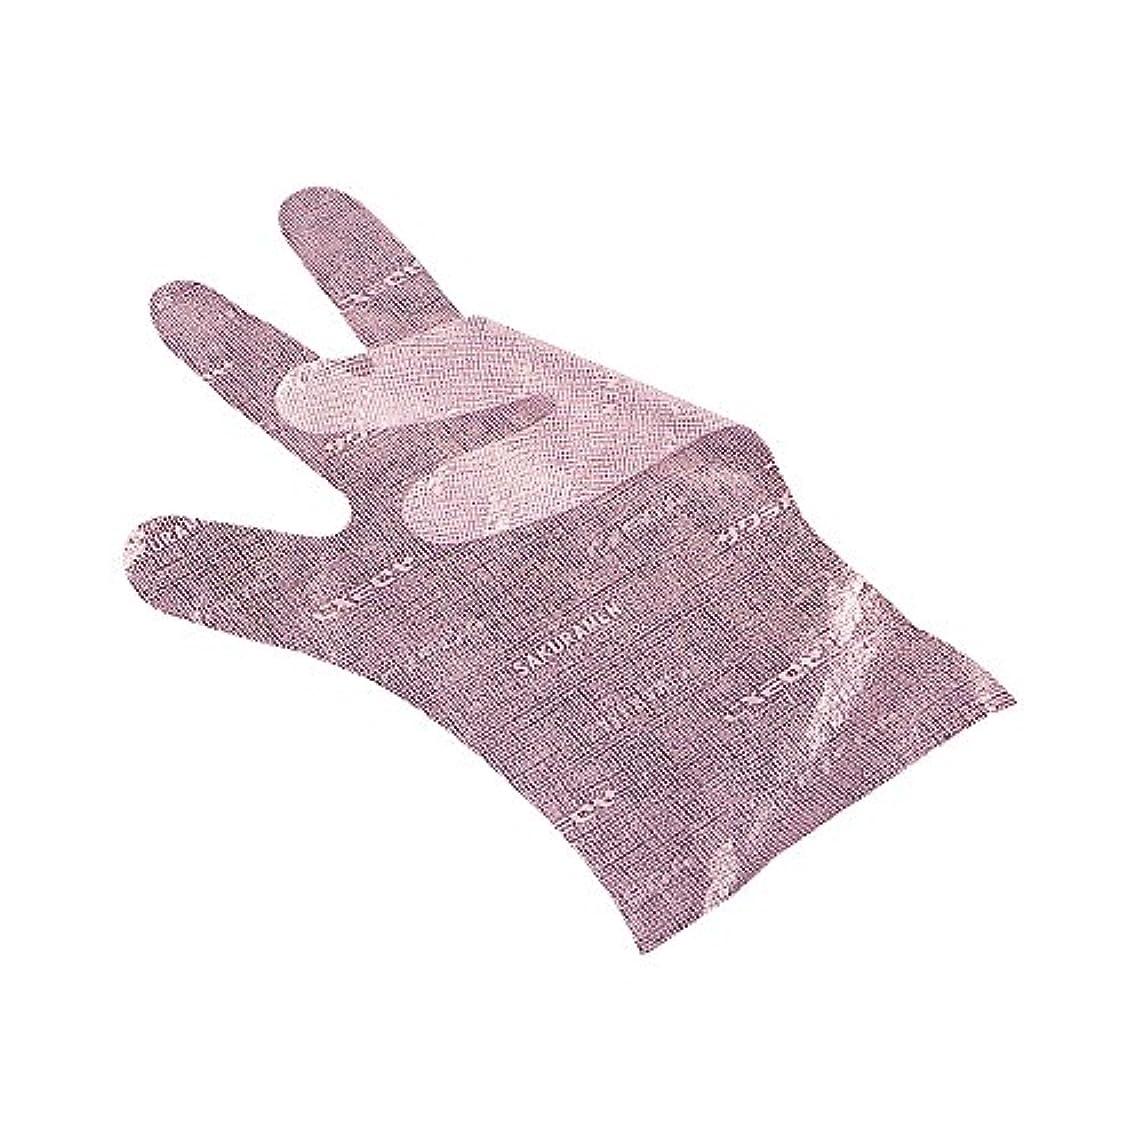 誓い精通したクライストチャーチサクラメンエンボス手袋 デラックス ピンク M 100枚入